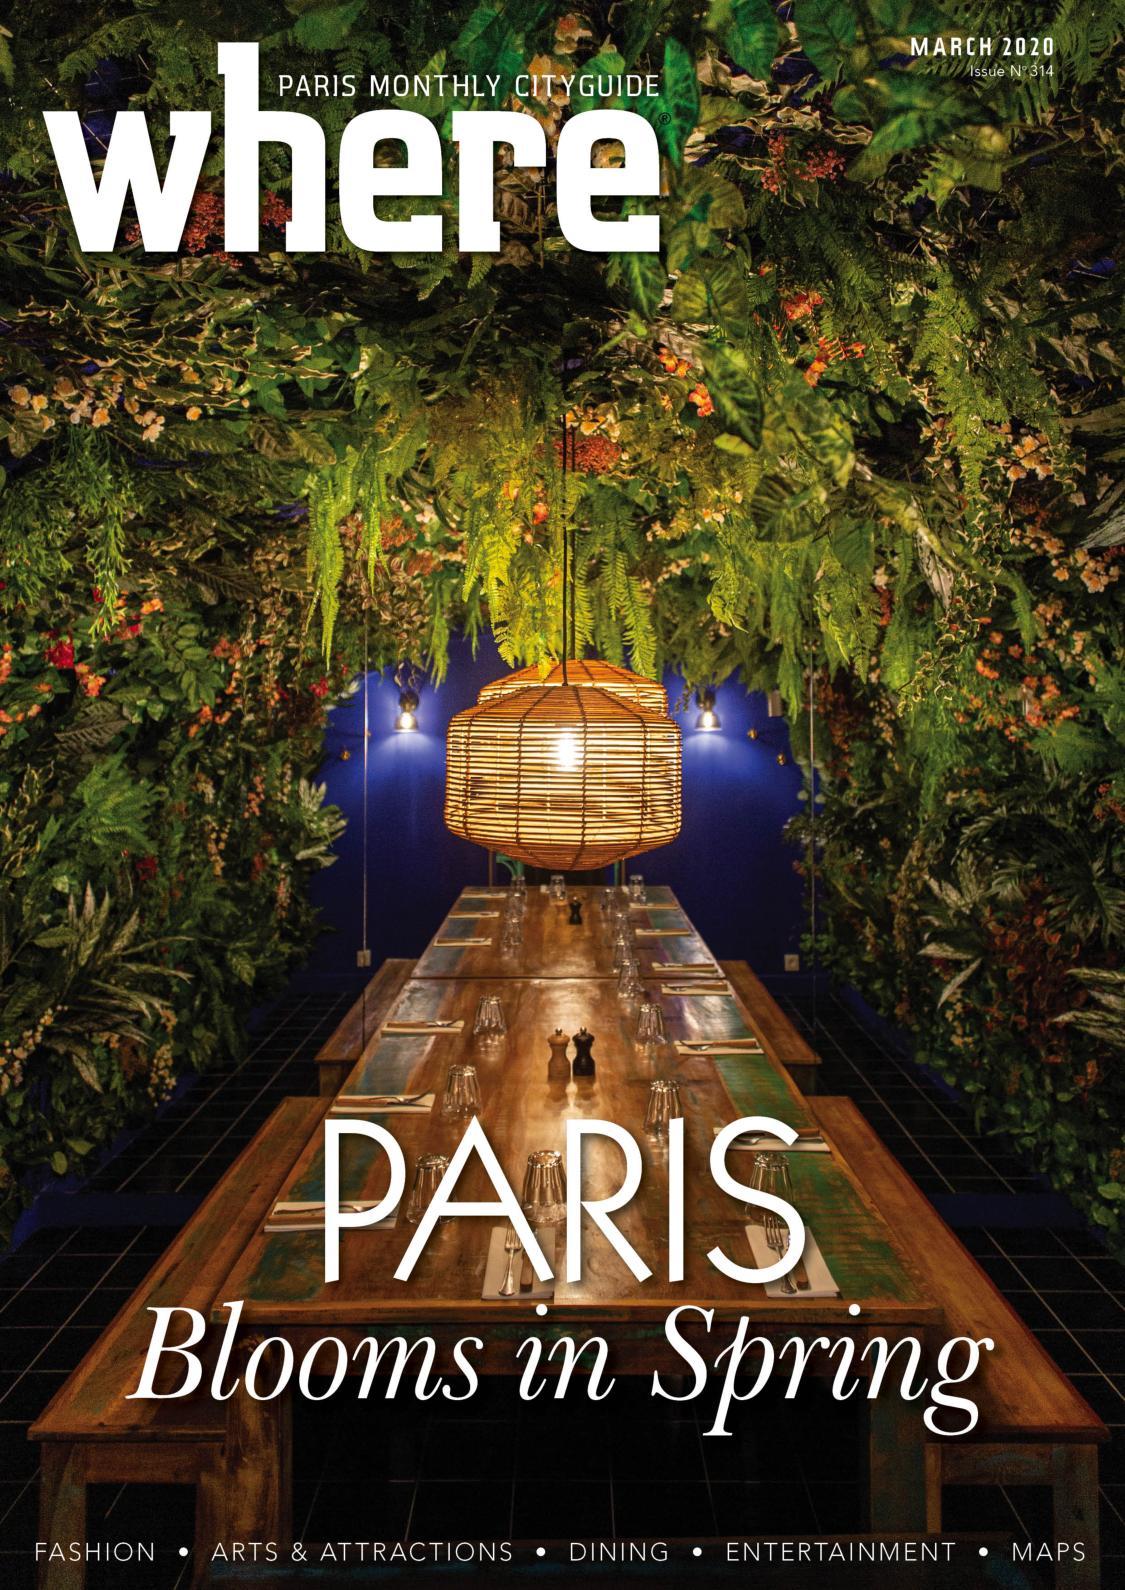 Maison Serge Gainsbourg Visite Intérieur calaméo - where paris march 2020 (#314)